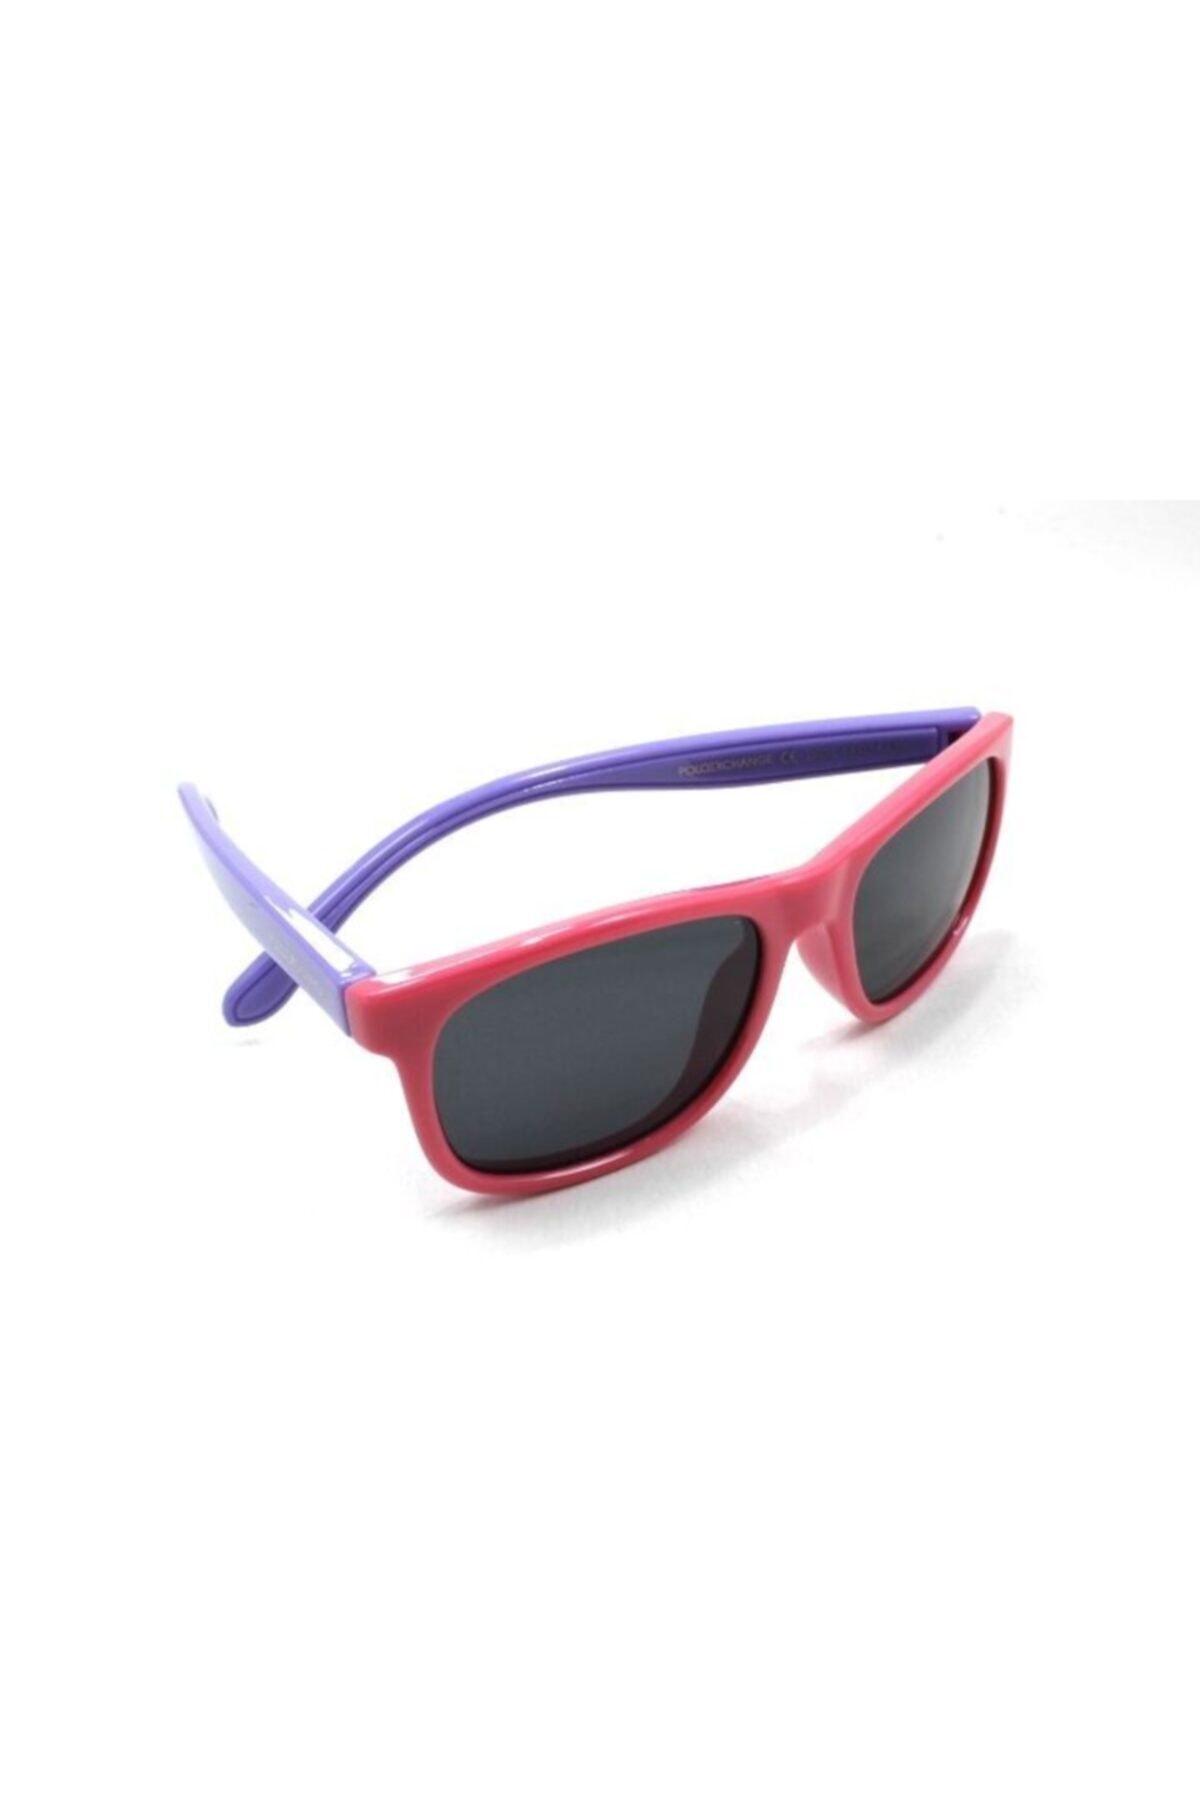 خرید عینک آفتابی از ترکیه برند Polo Exchange رنگ صورتی ty71646853